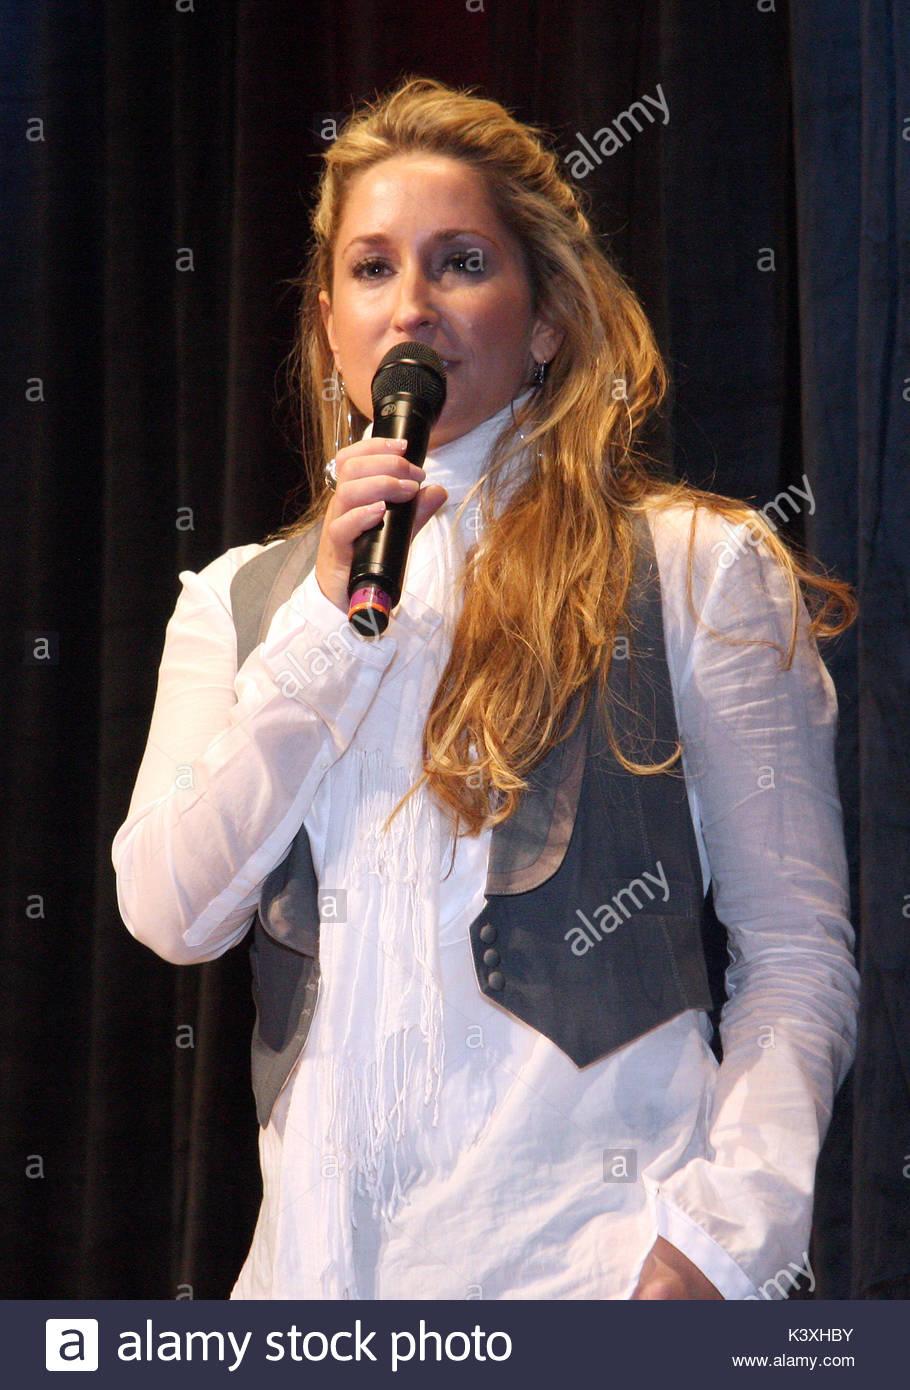 Heidi Tour Dates